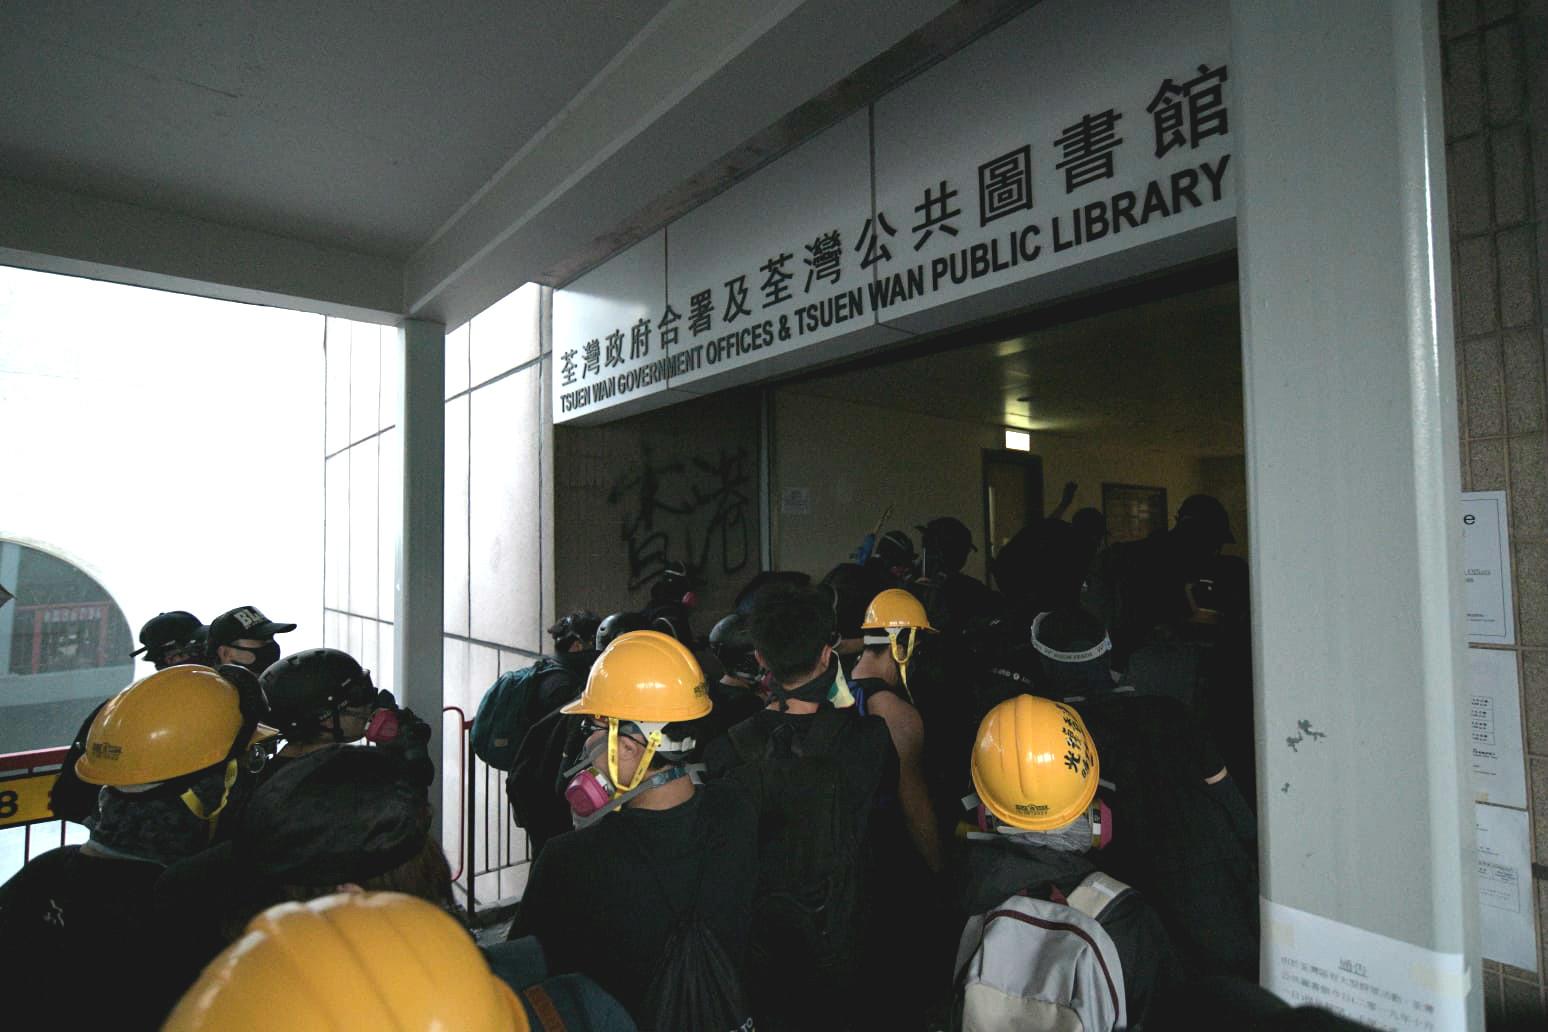 示威者破壞政府設施。資料圖片